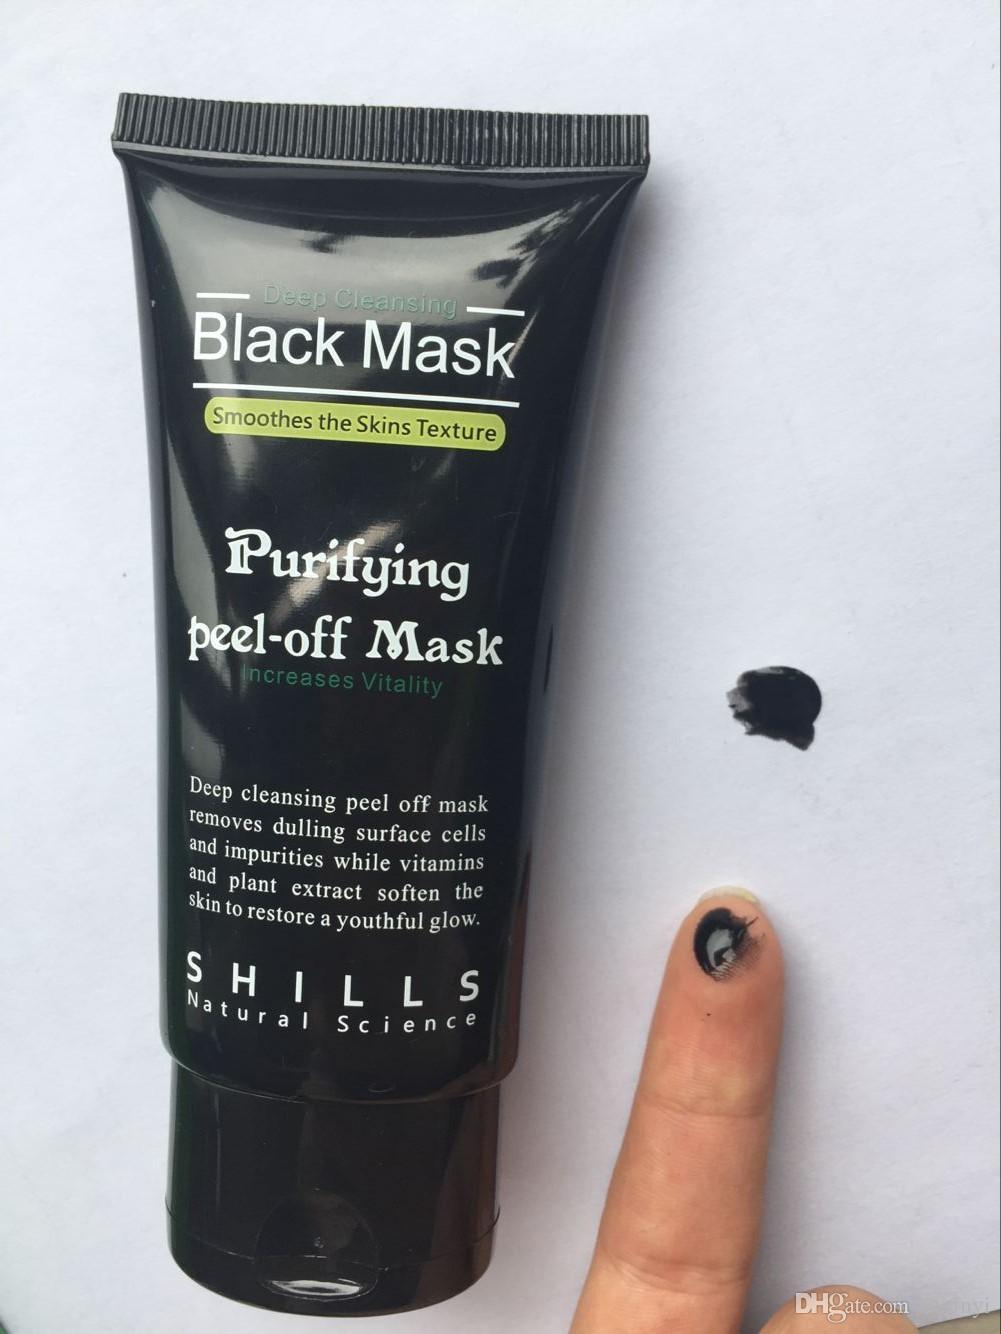 2019 El más reciente de los Shills de desprendimiento de las mascarillas de limpieza profunda Negro 50ml de la espinilla máscara facial de limpieza profunda de los Shills Negro MÁSCARA